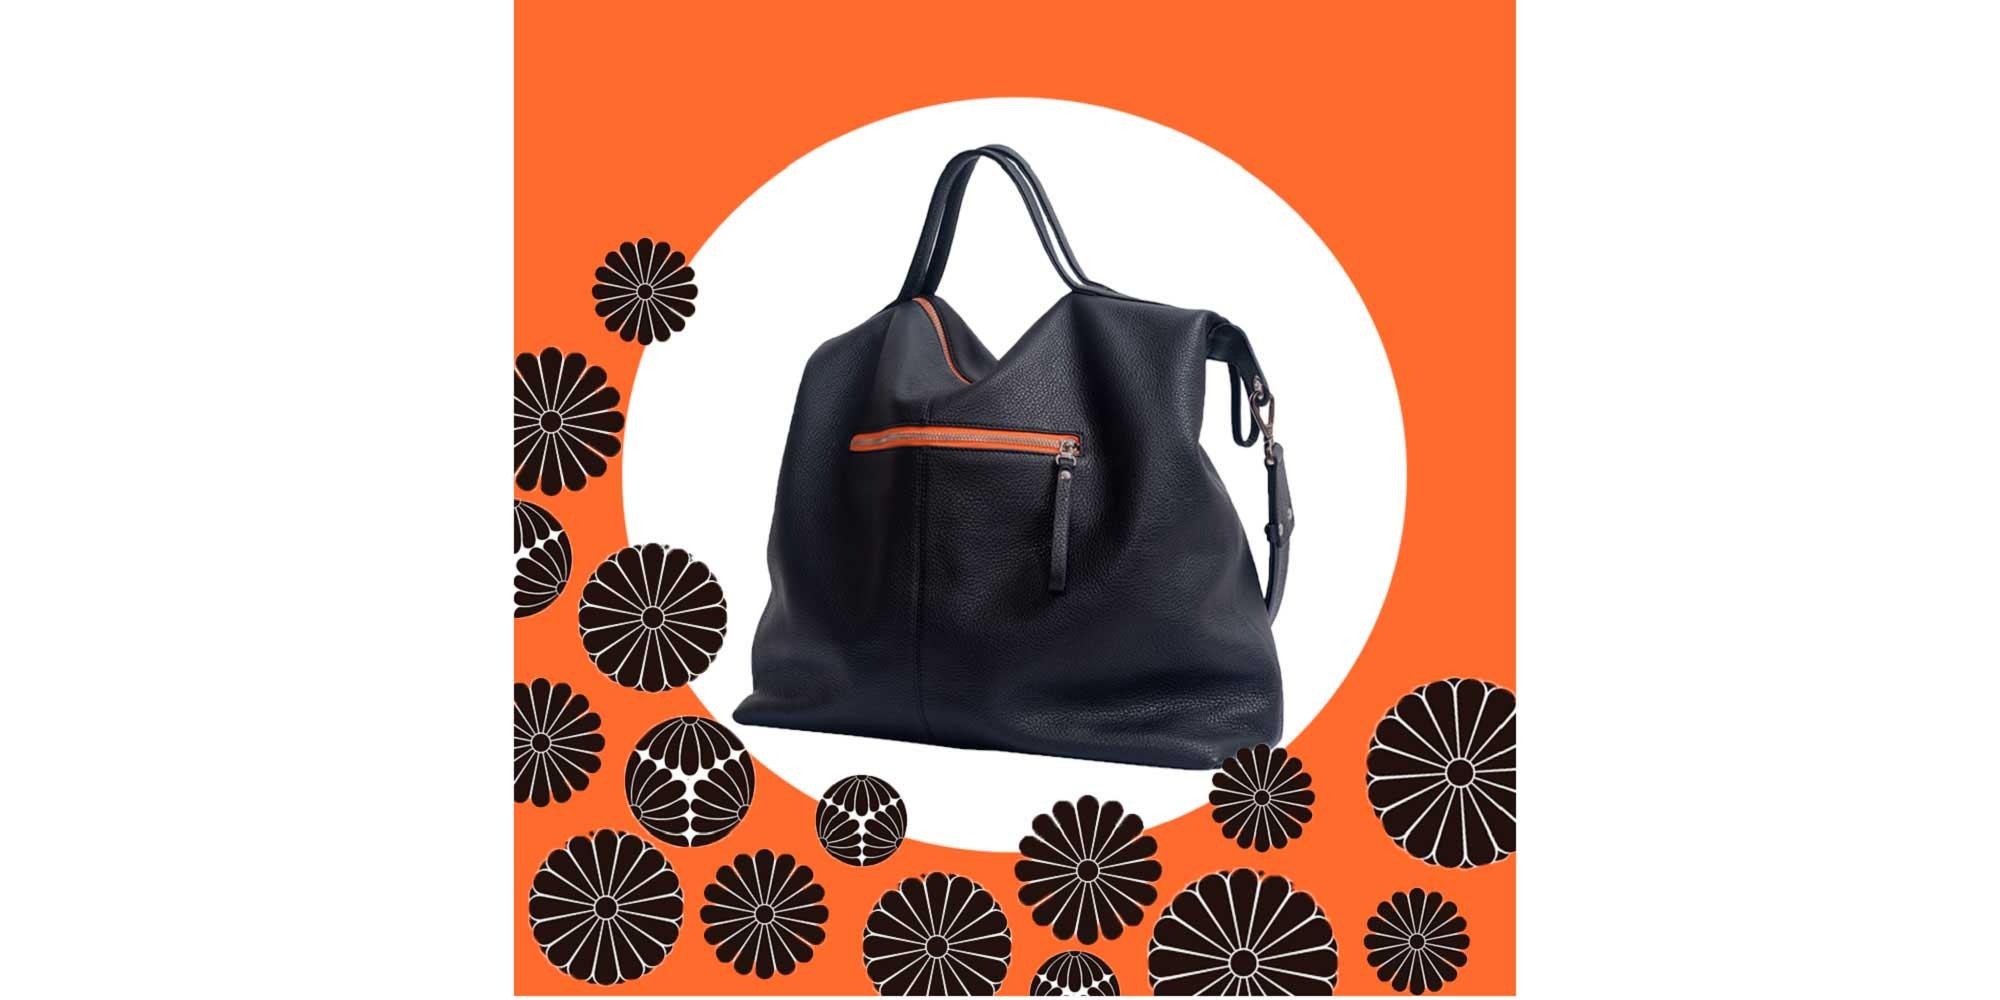 baggu-bag-collection